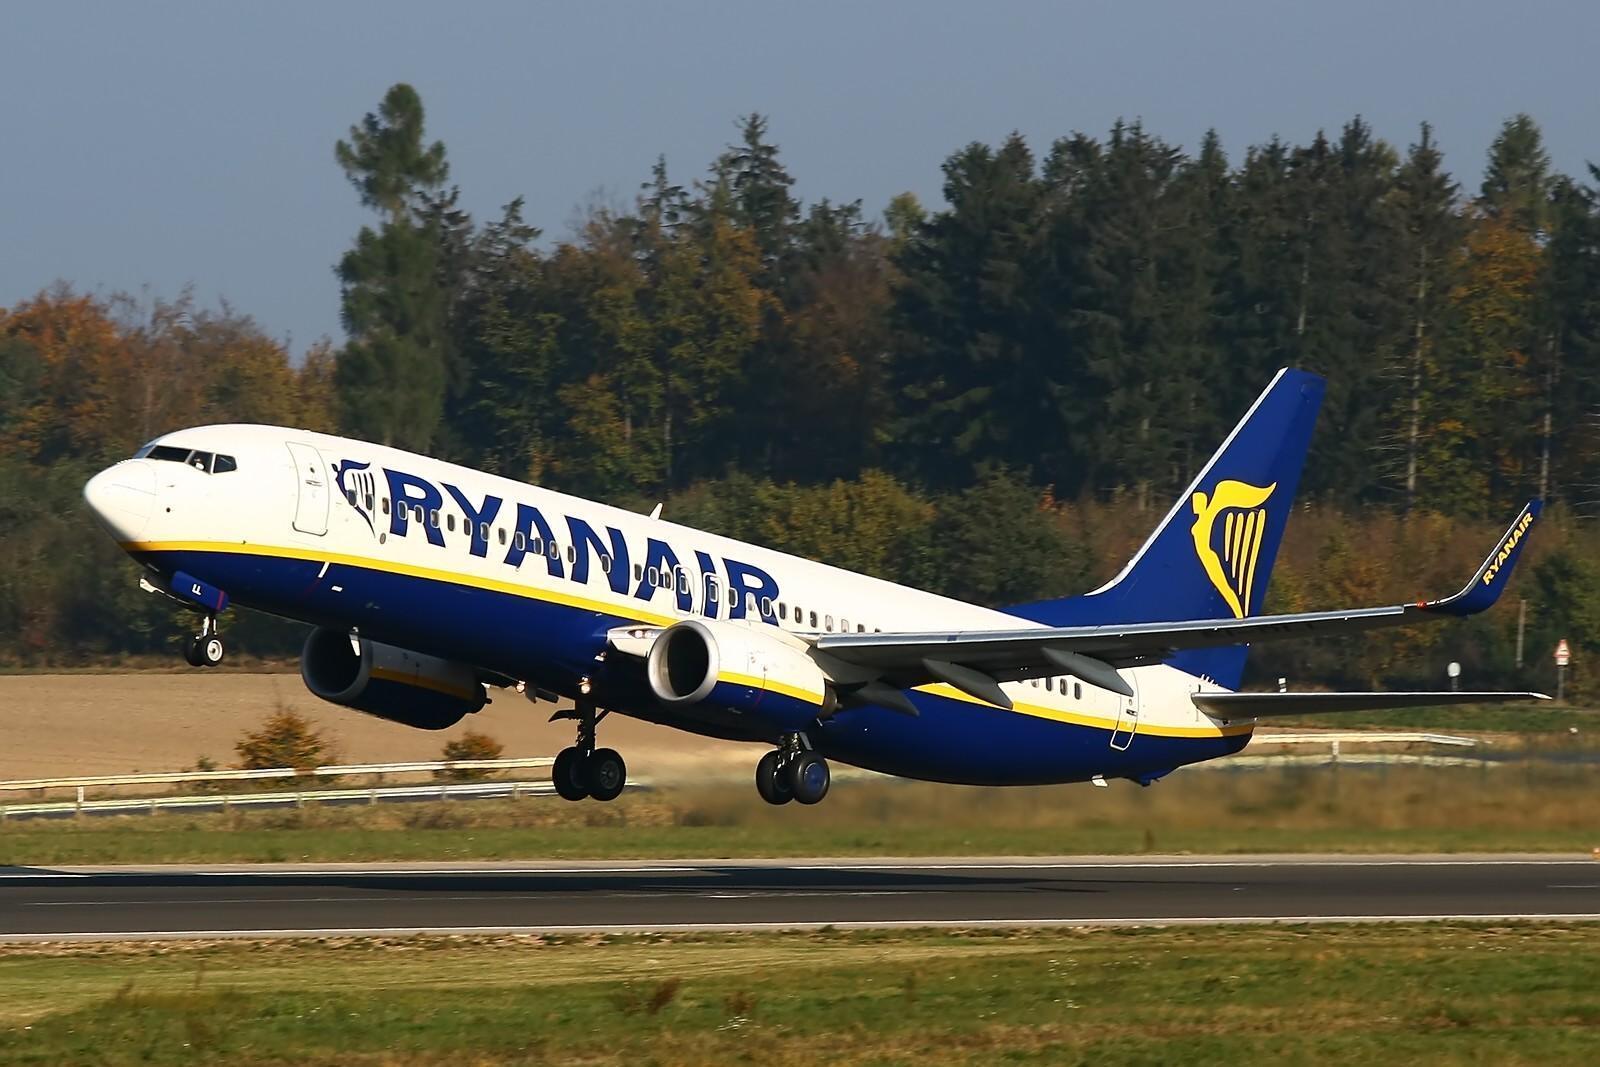 cae76396ff795 S účinnosťou od 1. novembra 2017 15. januára 2018 mení írska letecká  spoločnosť Ryanair pravidlá týkajúce sa prepravy príručnej a zapísanej  batožiny.